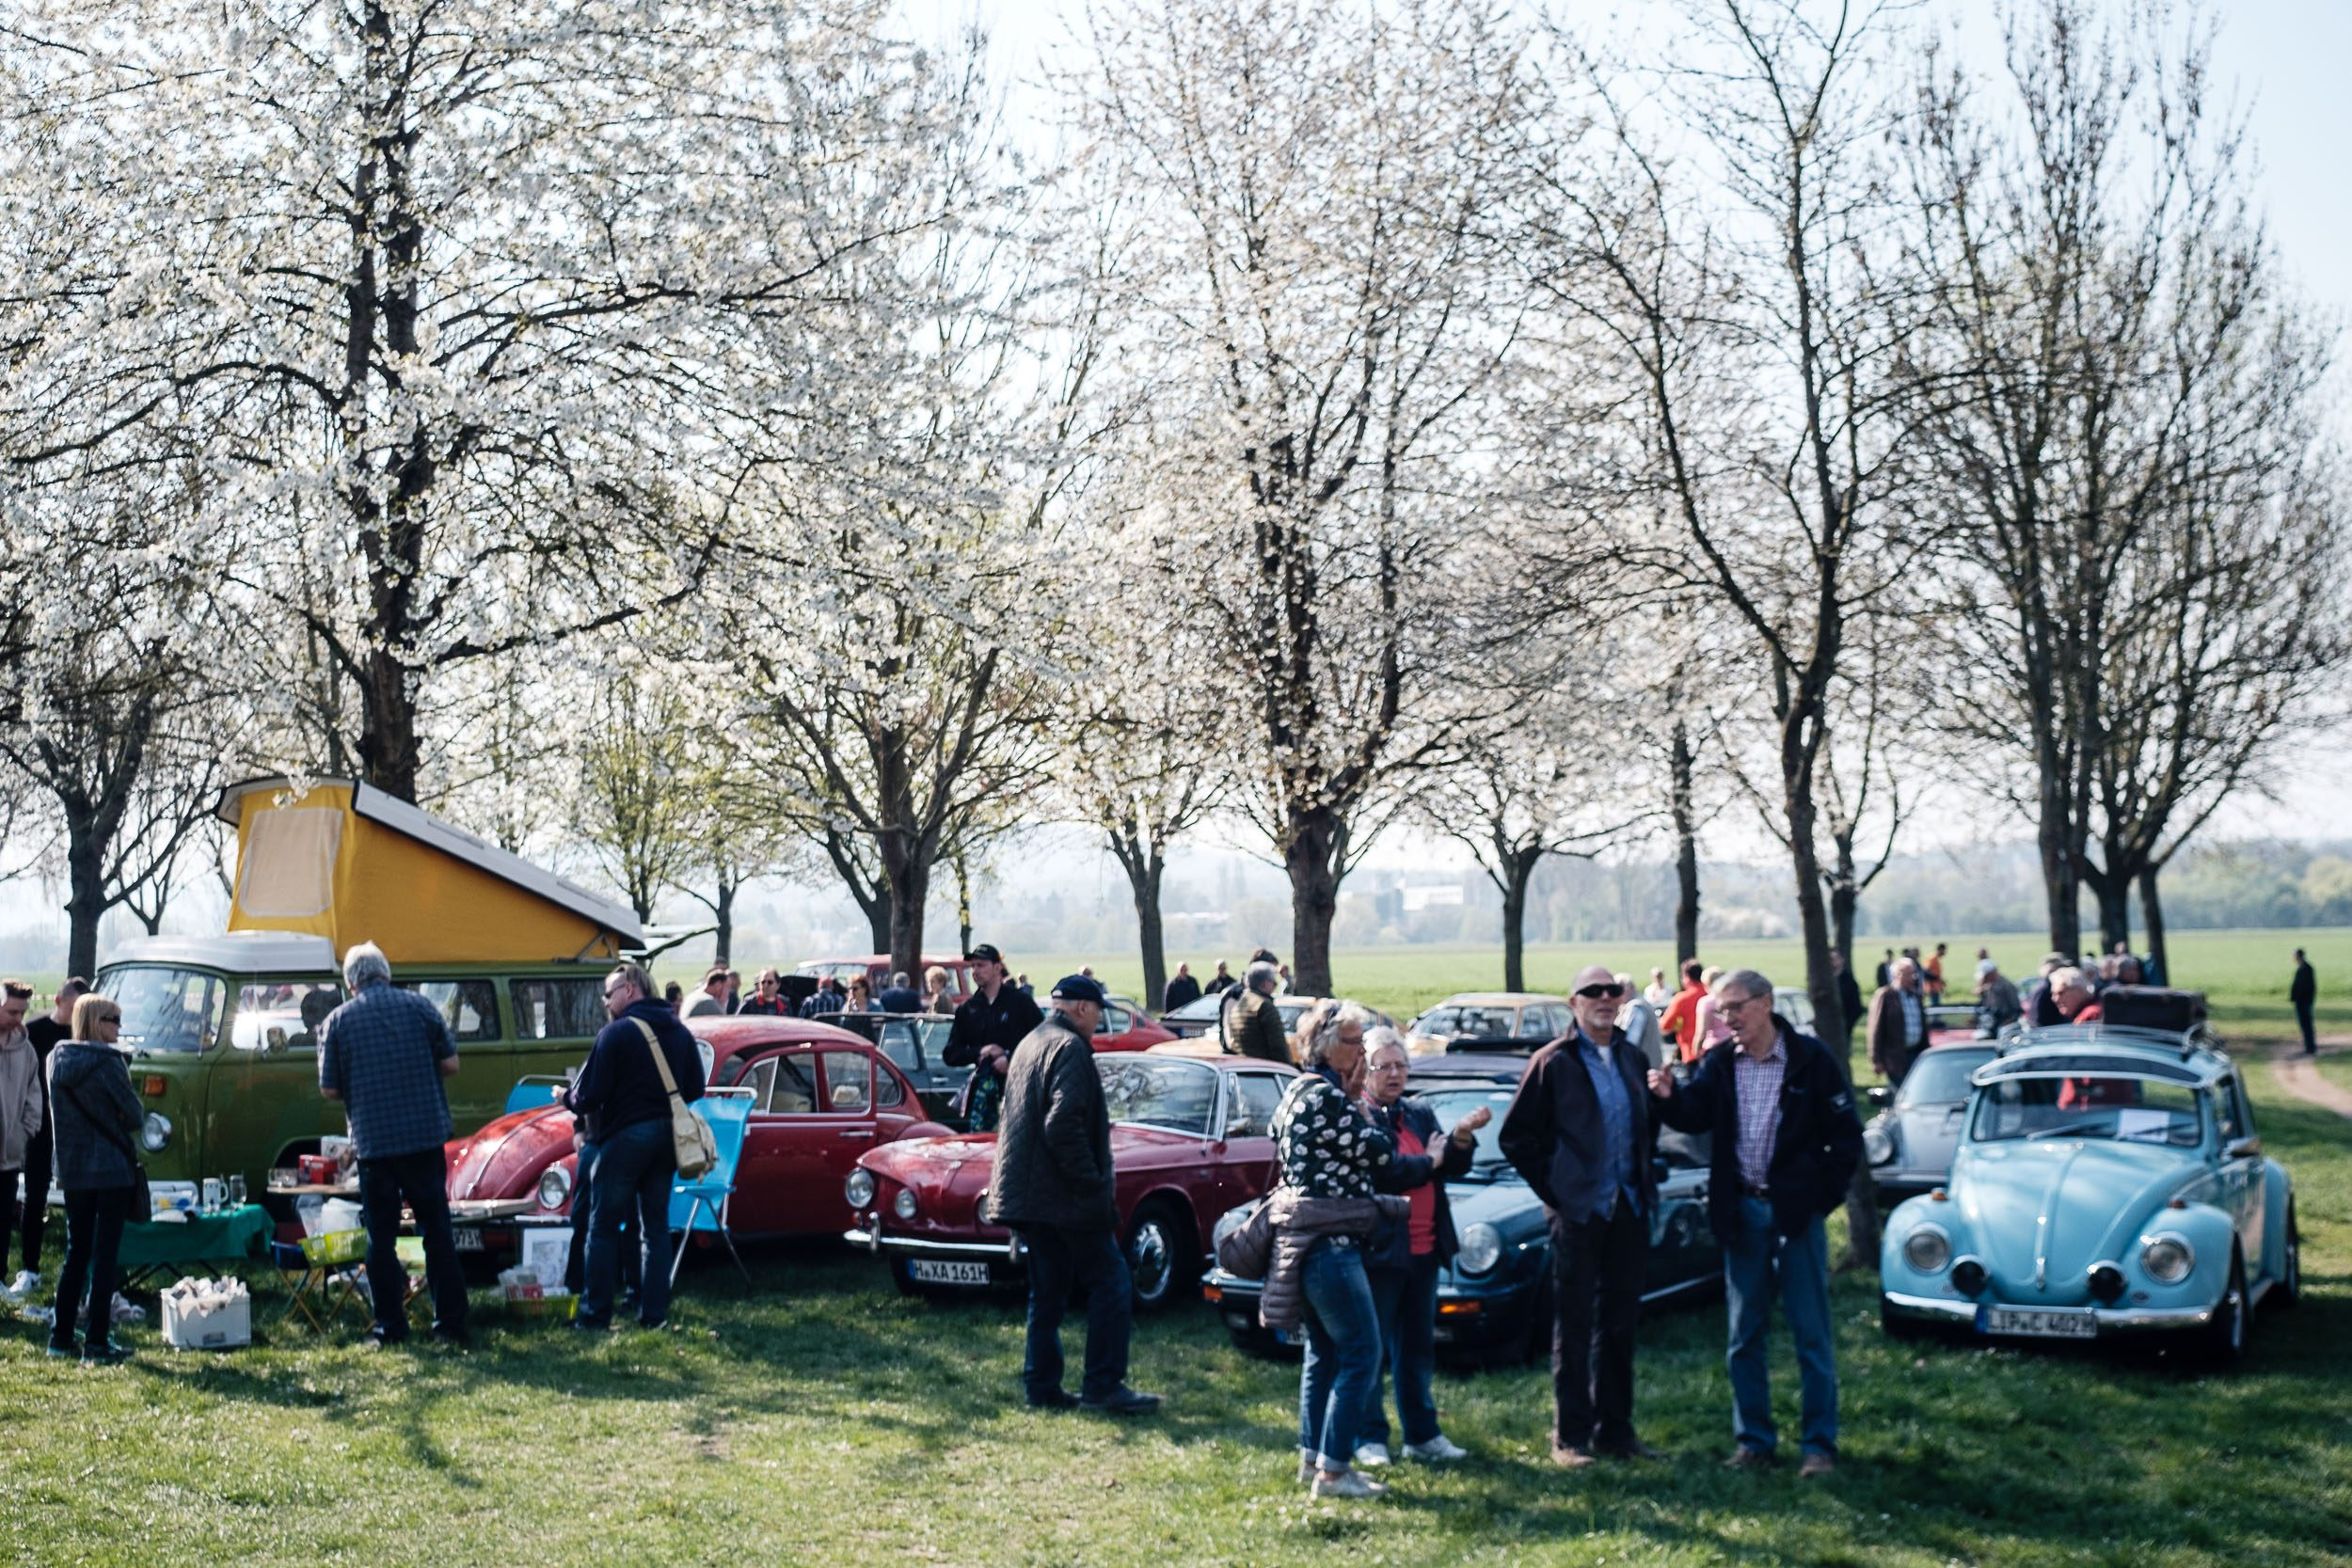 unter blühenden Bäumen beim Oldtimertreffen am großen Weserbogen VW Porsche Audi Klassik 2019